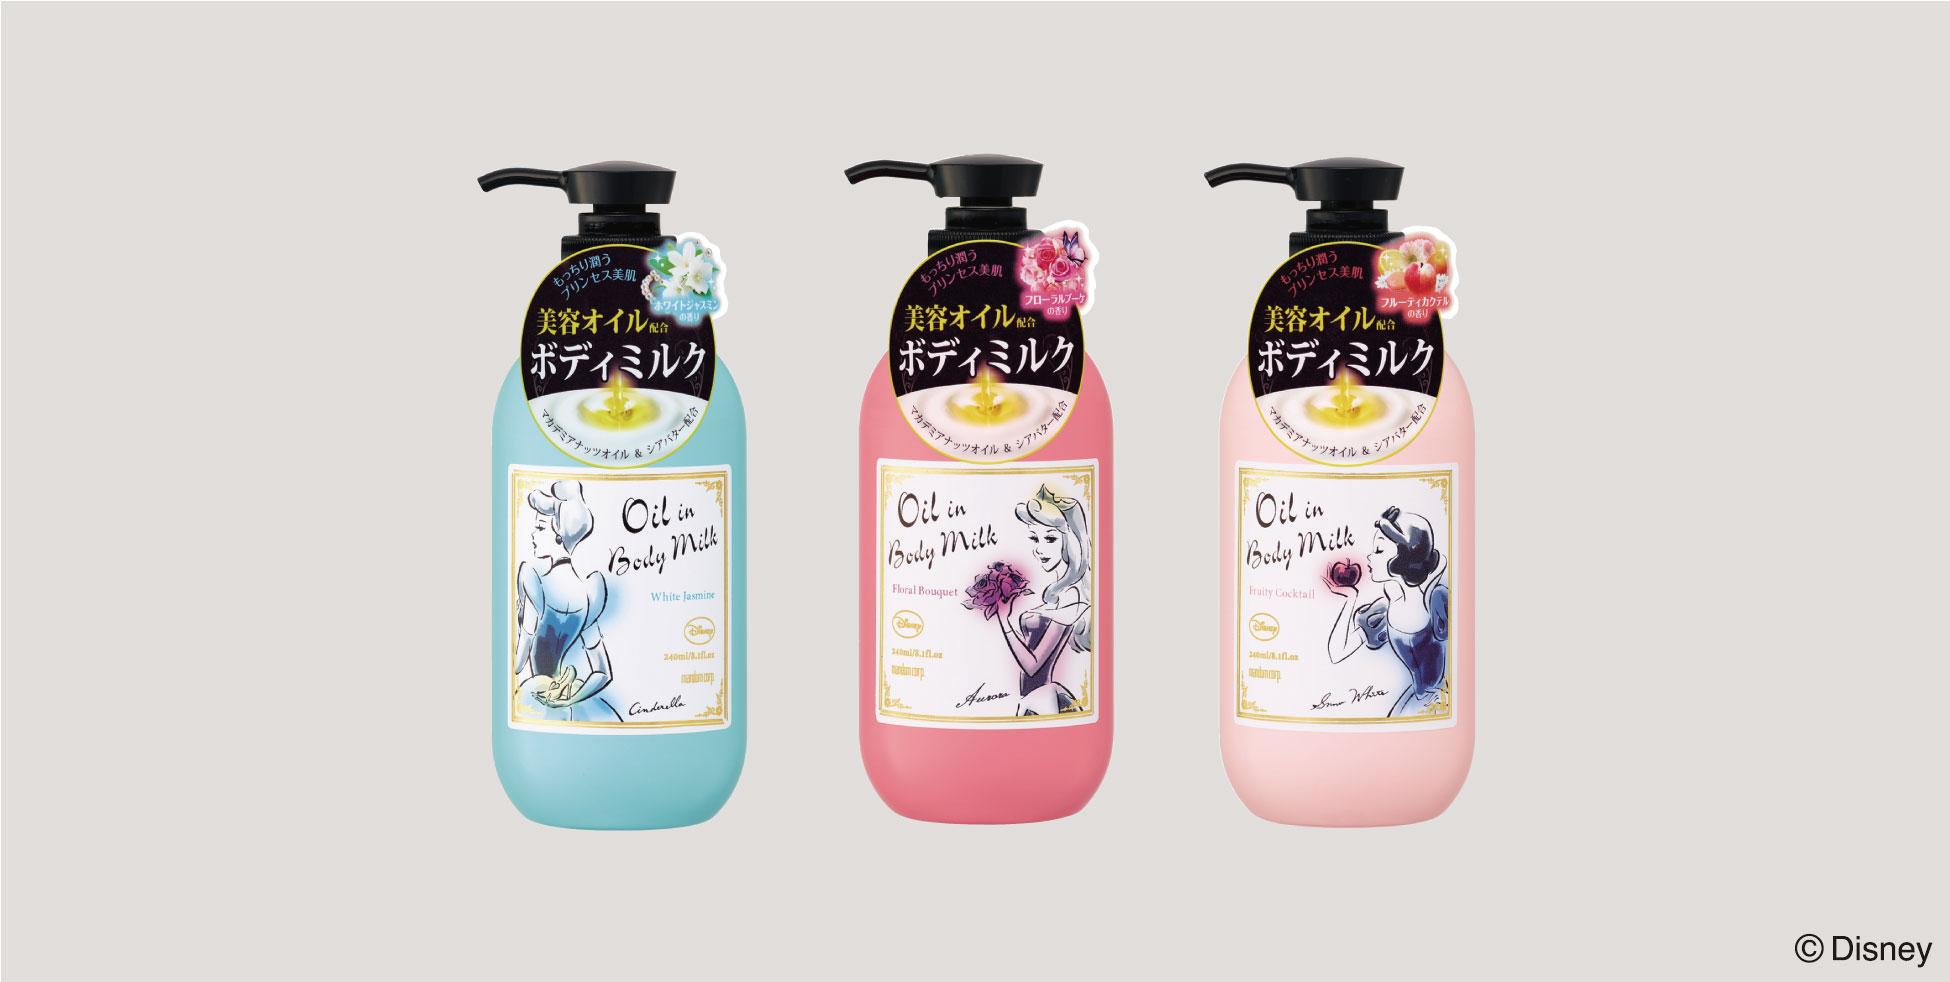 プリンセスのような美肌に!マンダム オイルインボディケアミルクシリーズ新発売